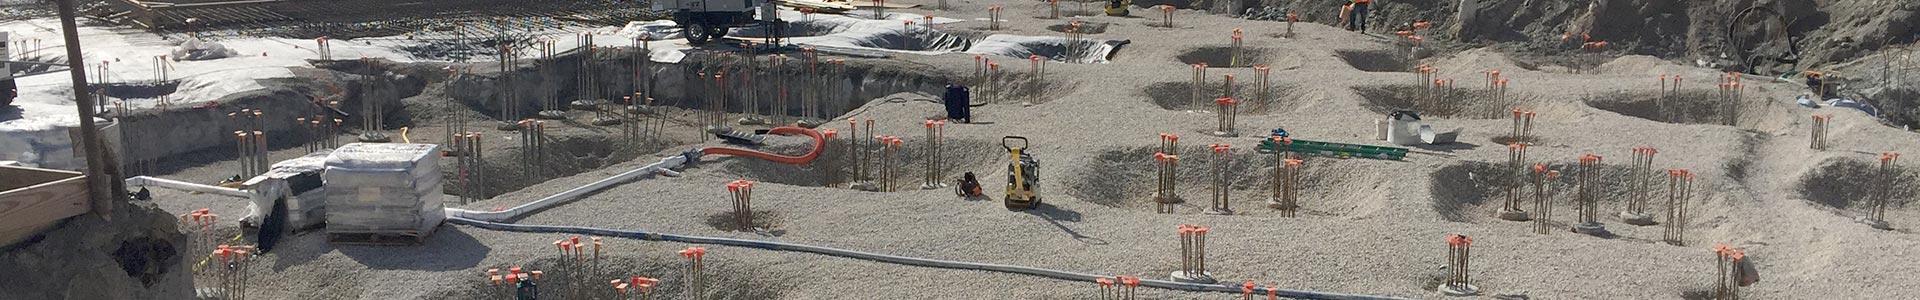 H2R construction verification